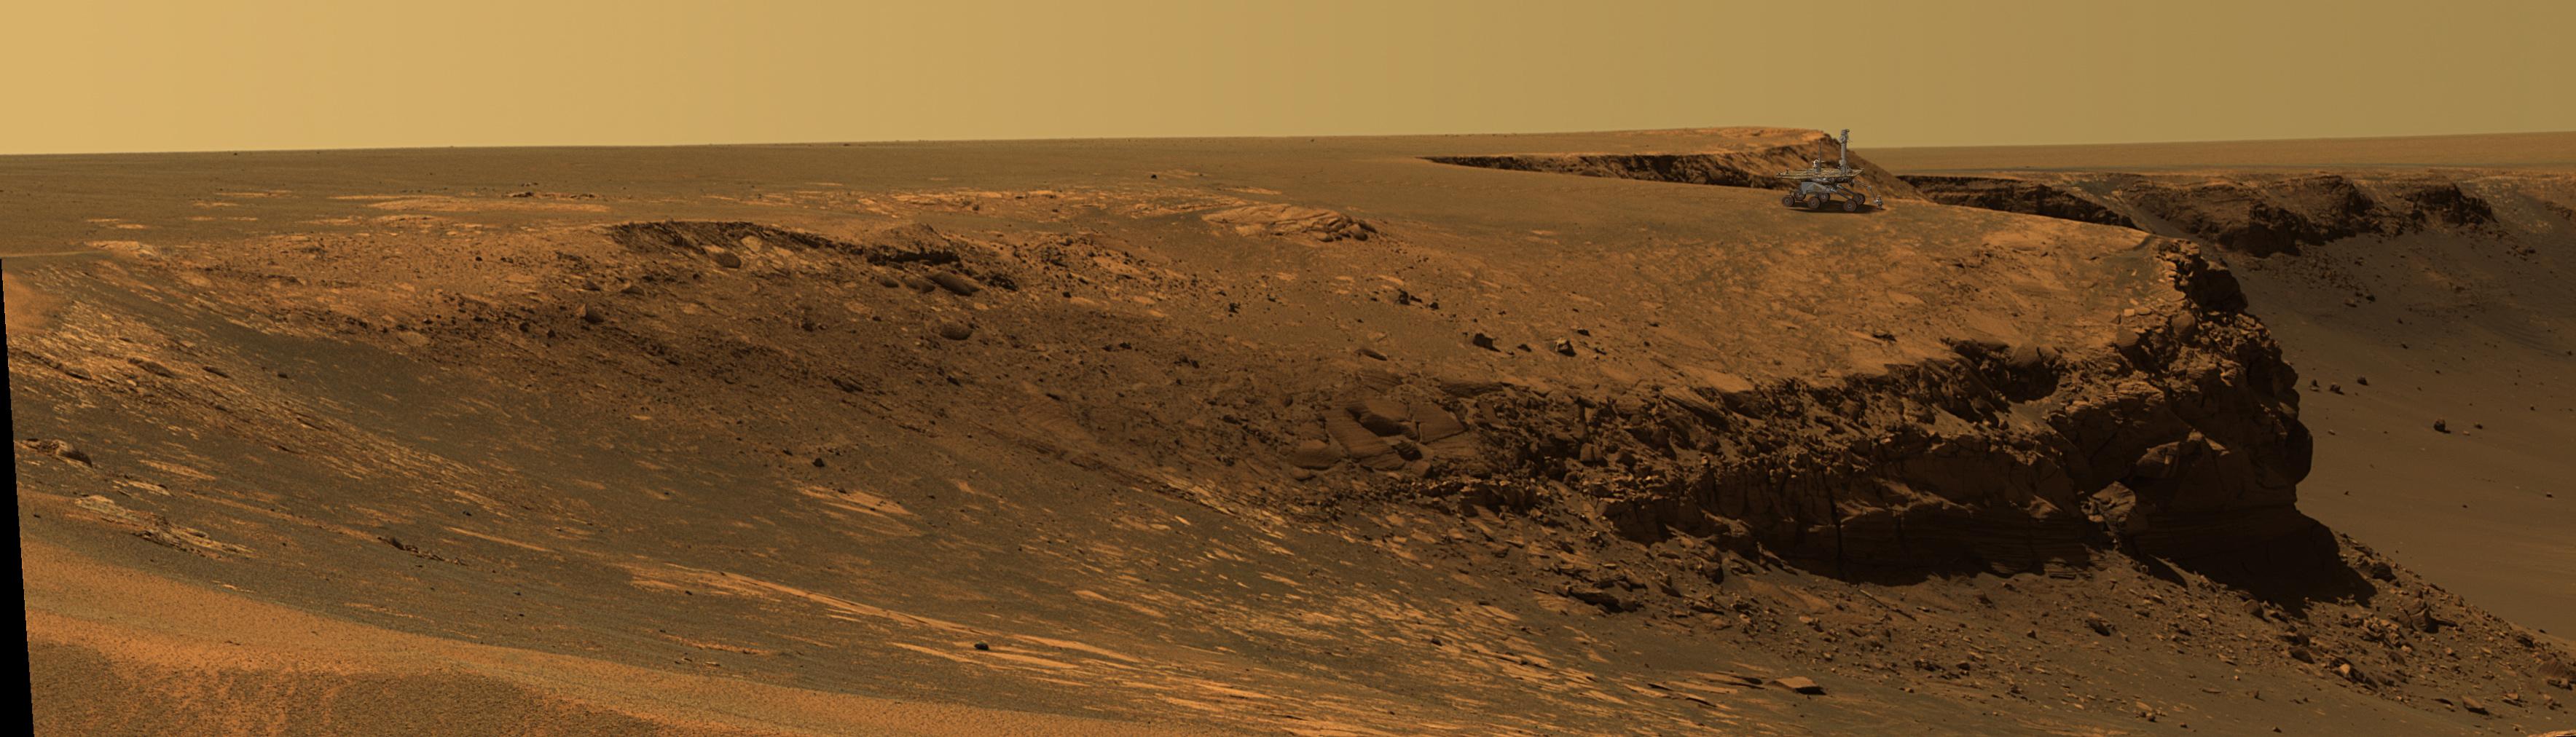 nasa mars rover opportunity - photo #4